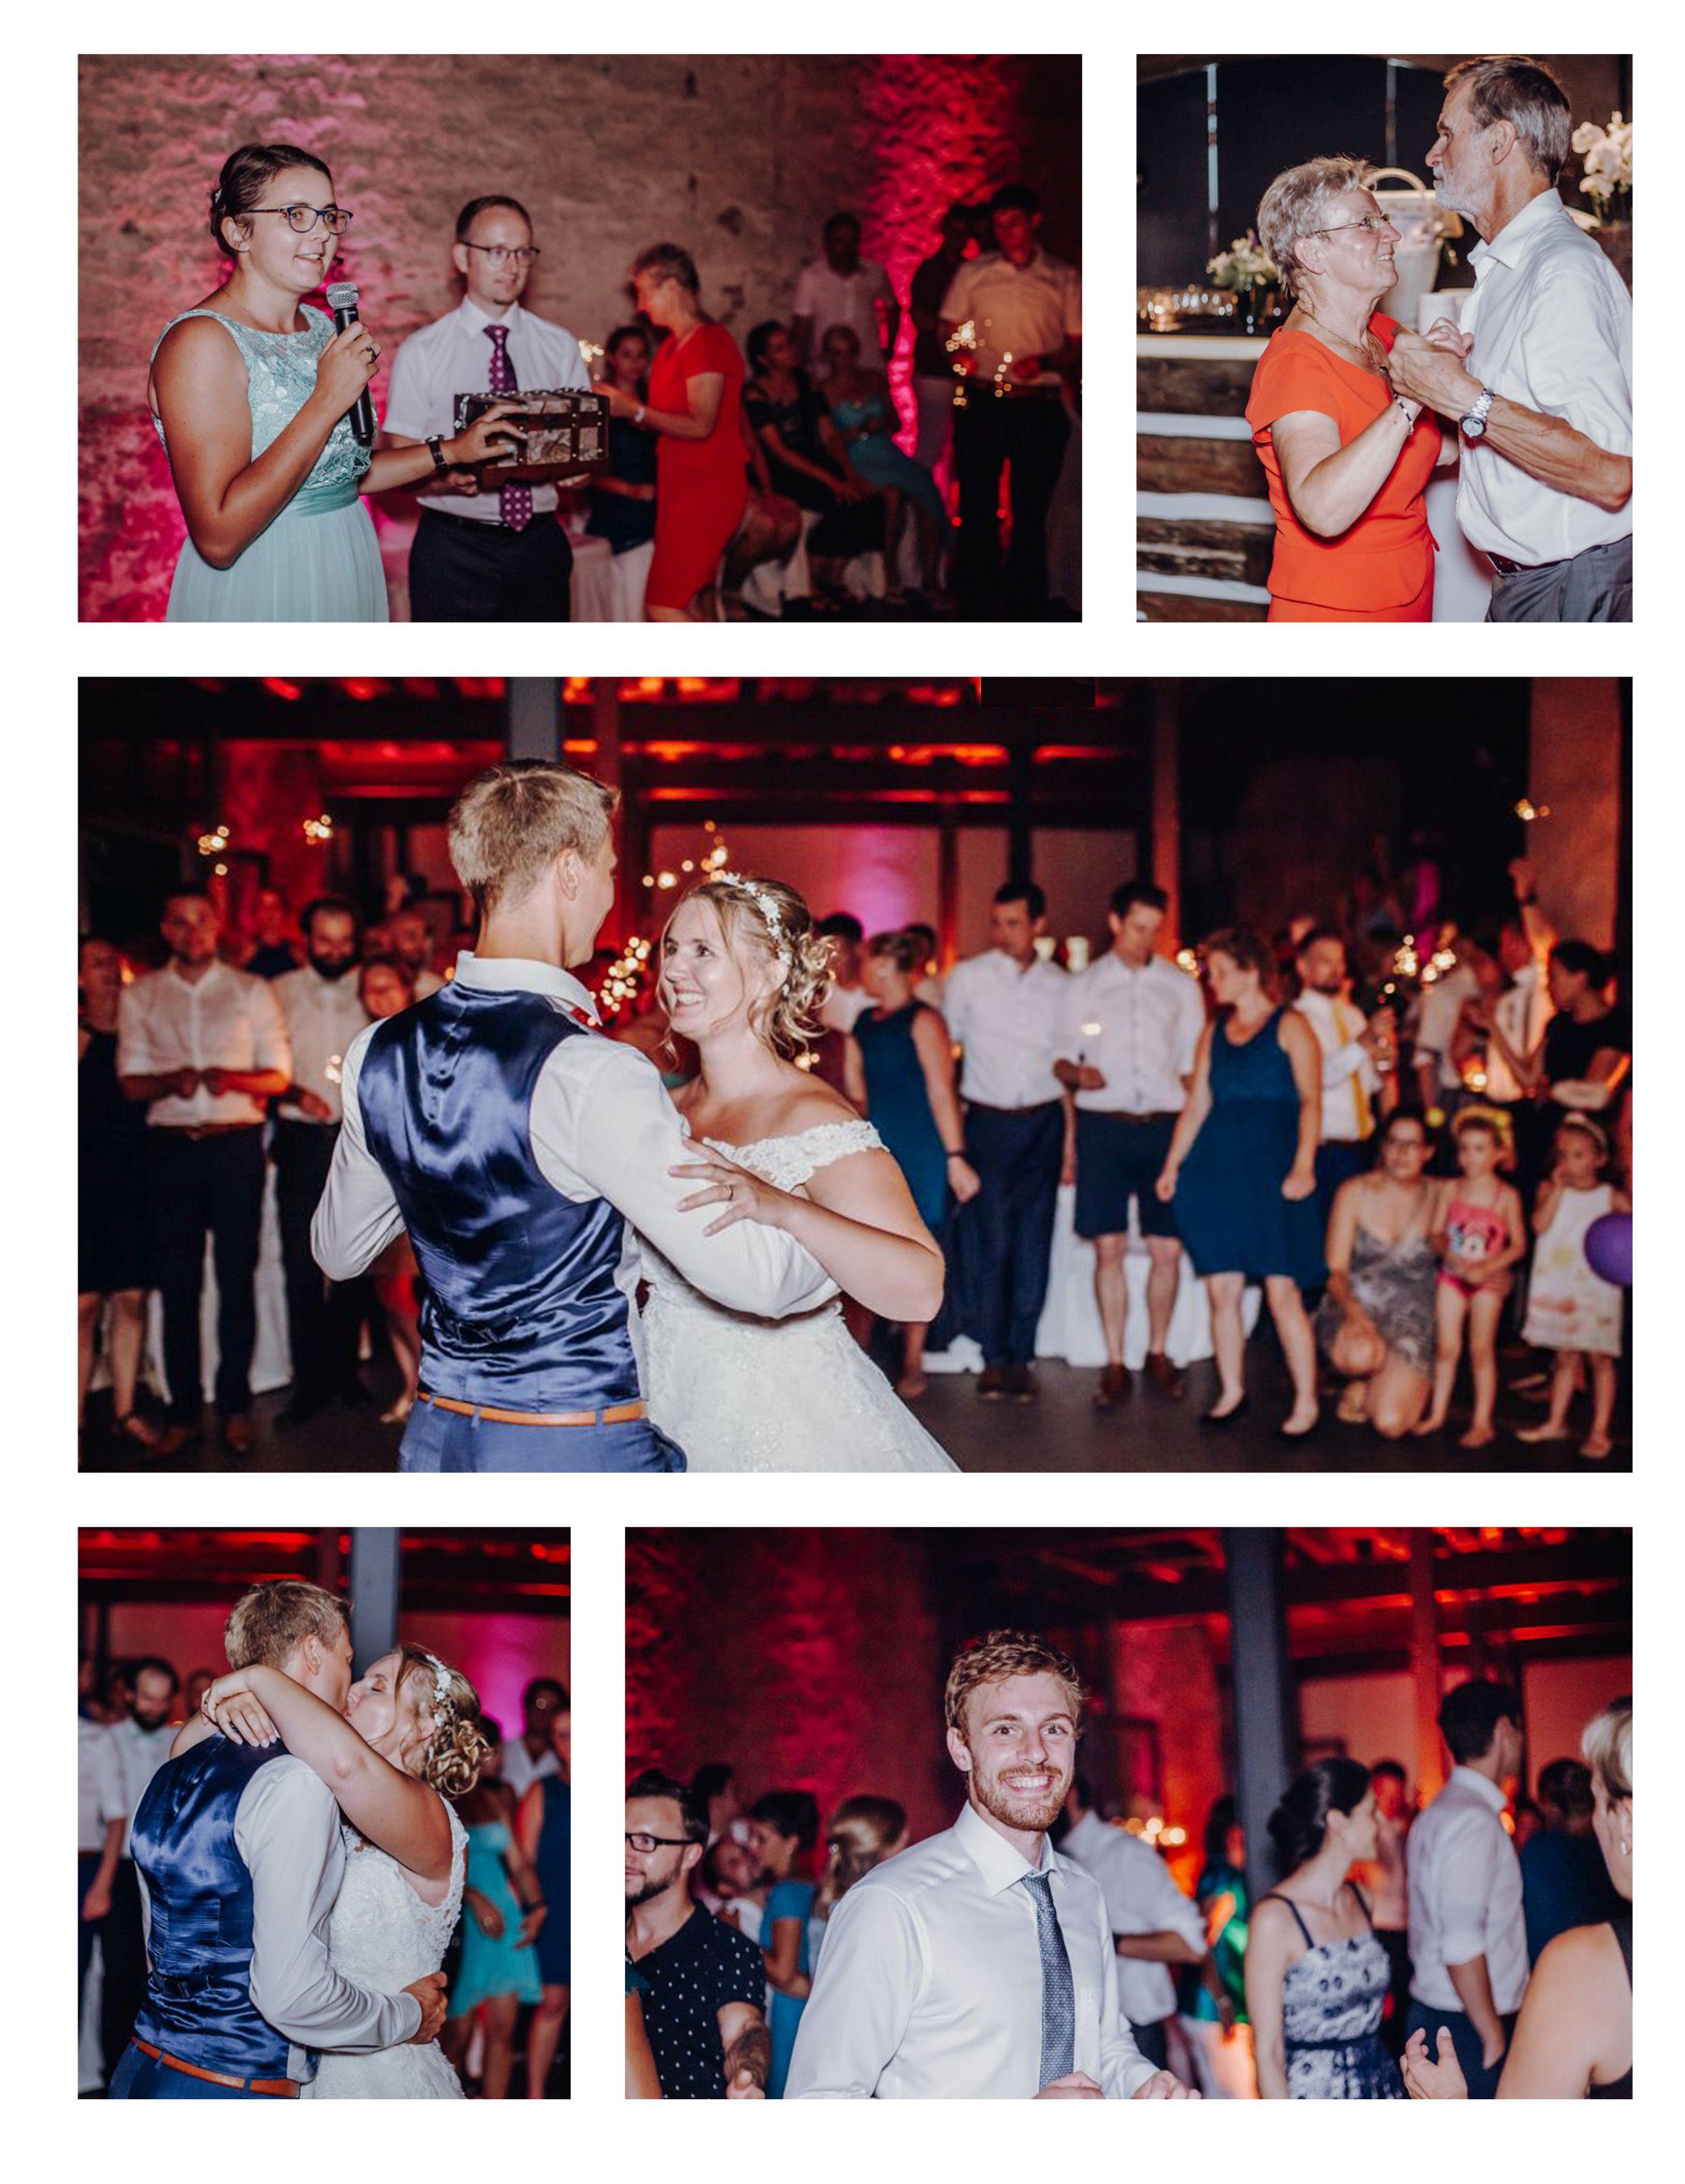 Jessi und Alex in Ladenburg am feiern, Fotoreportage